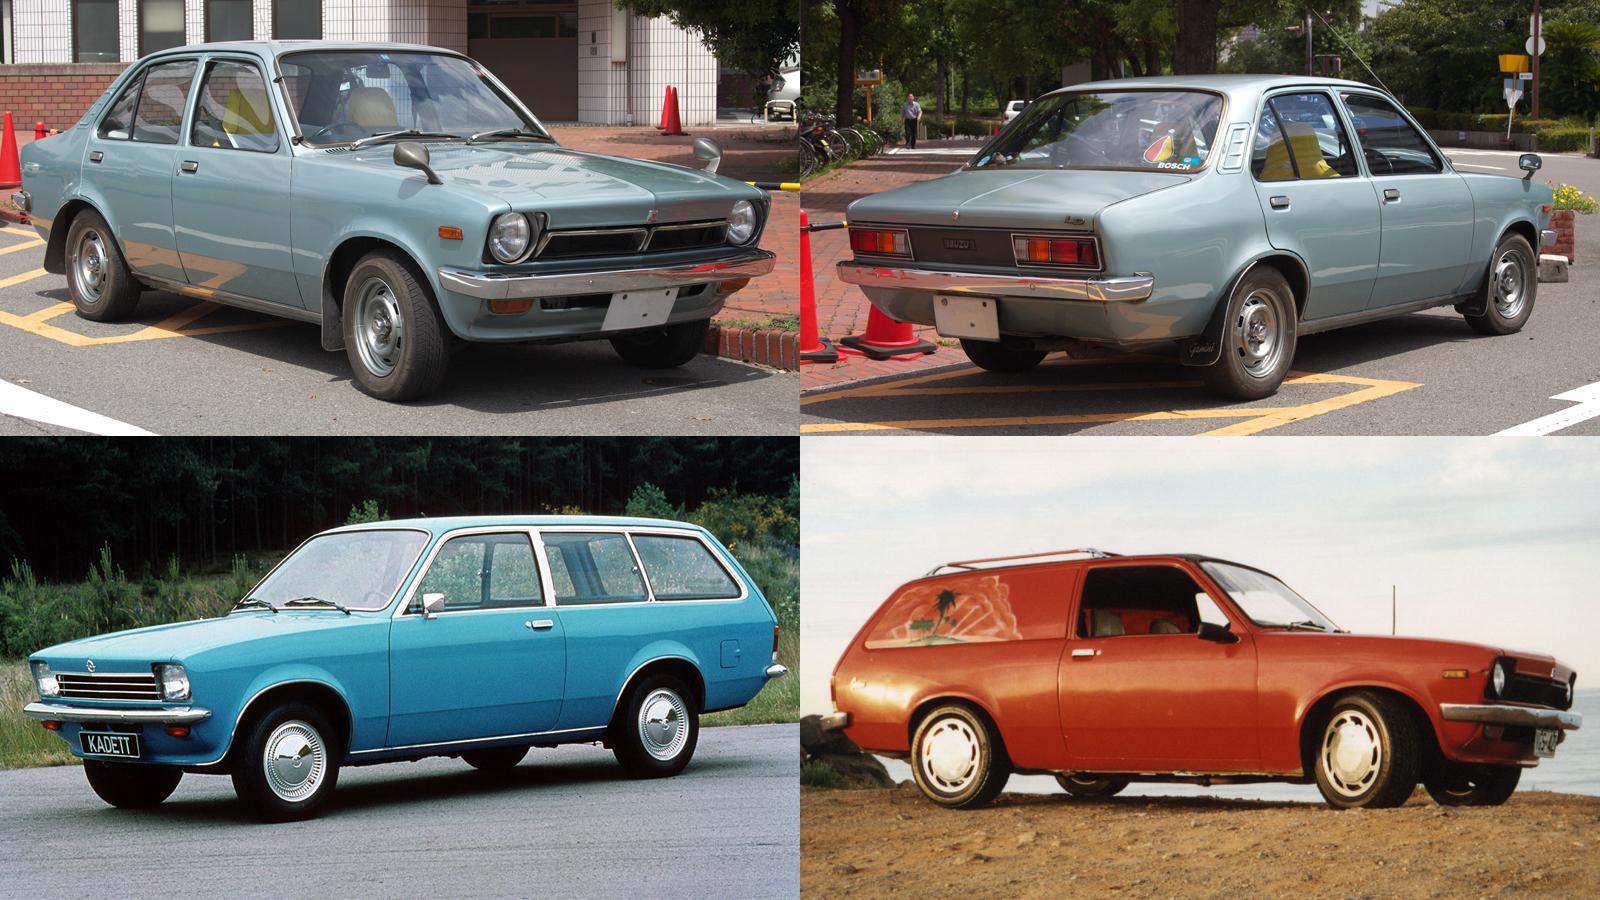 Foto mostrando o Isuzu/Holden Gemini e Opel Kadett Caravan